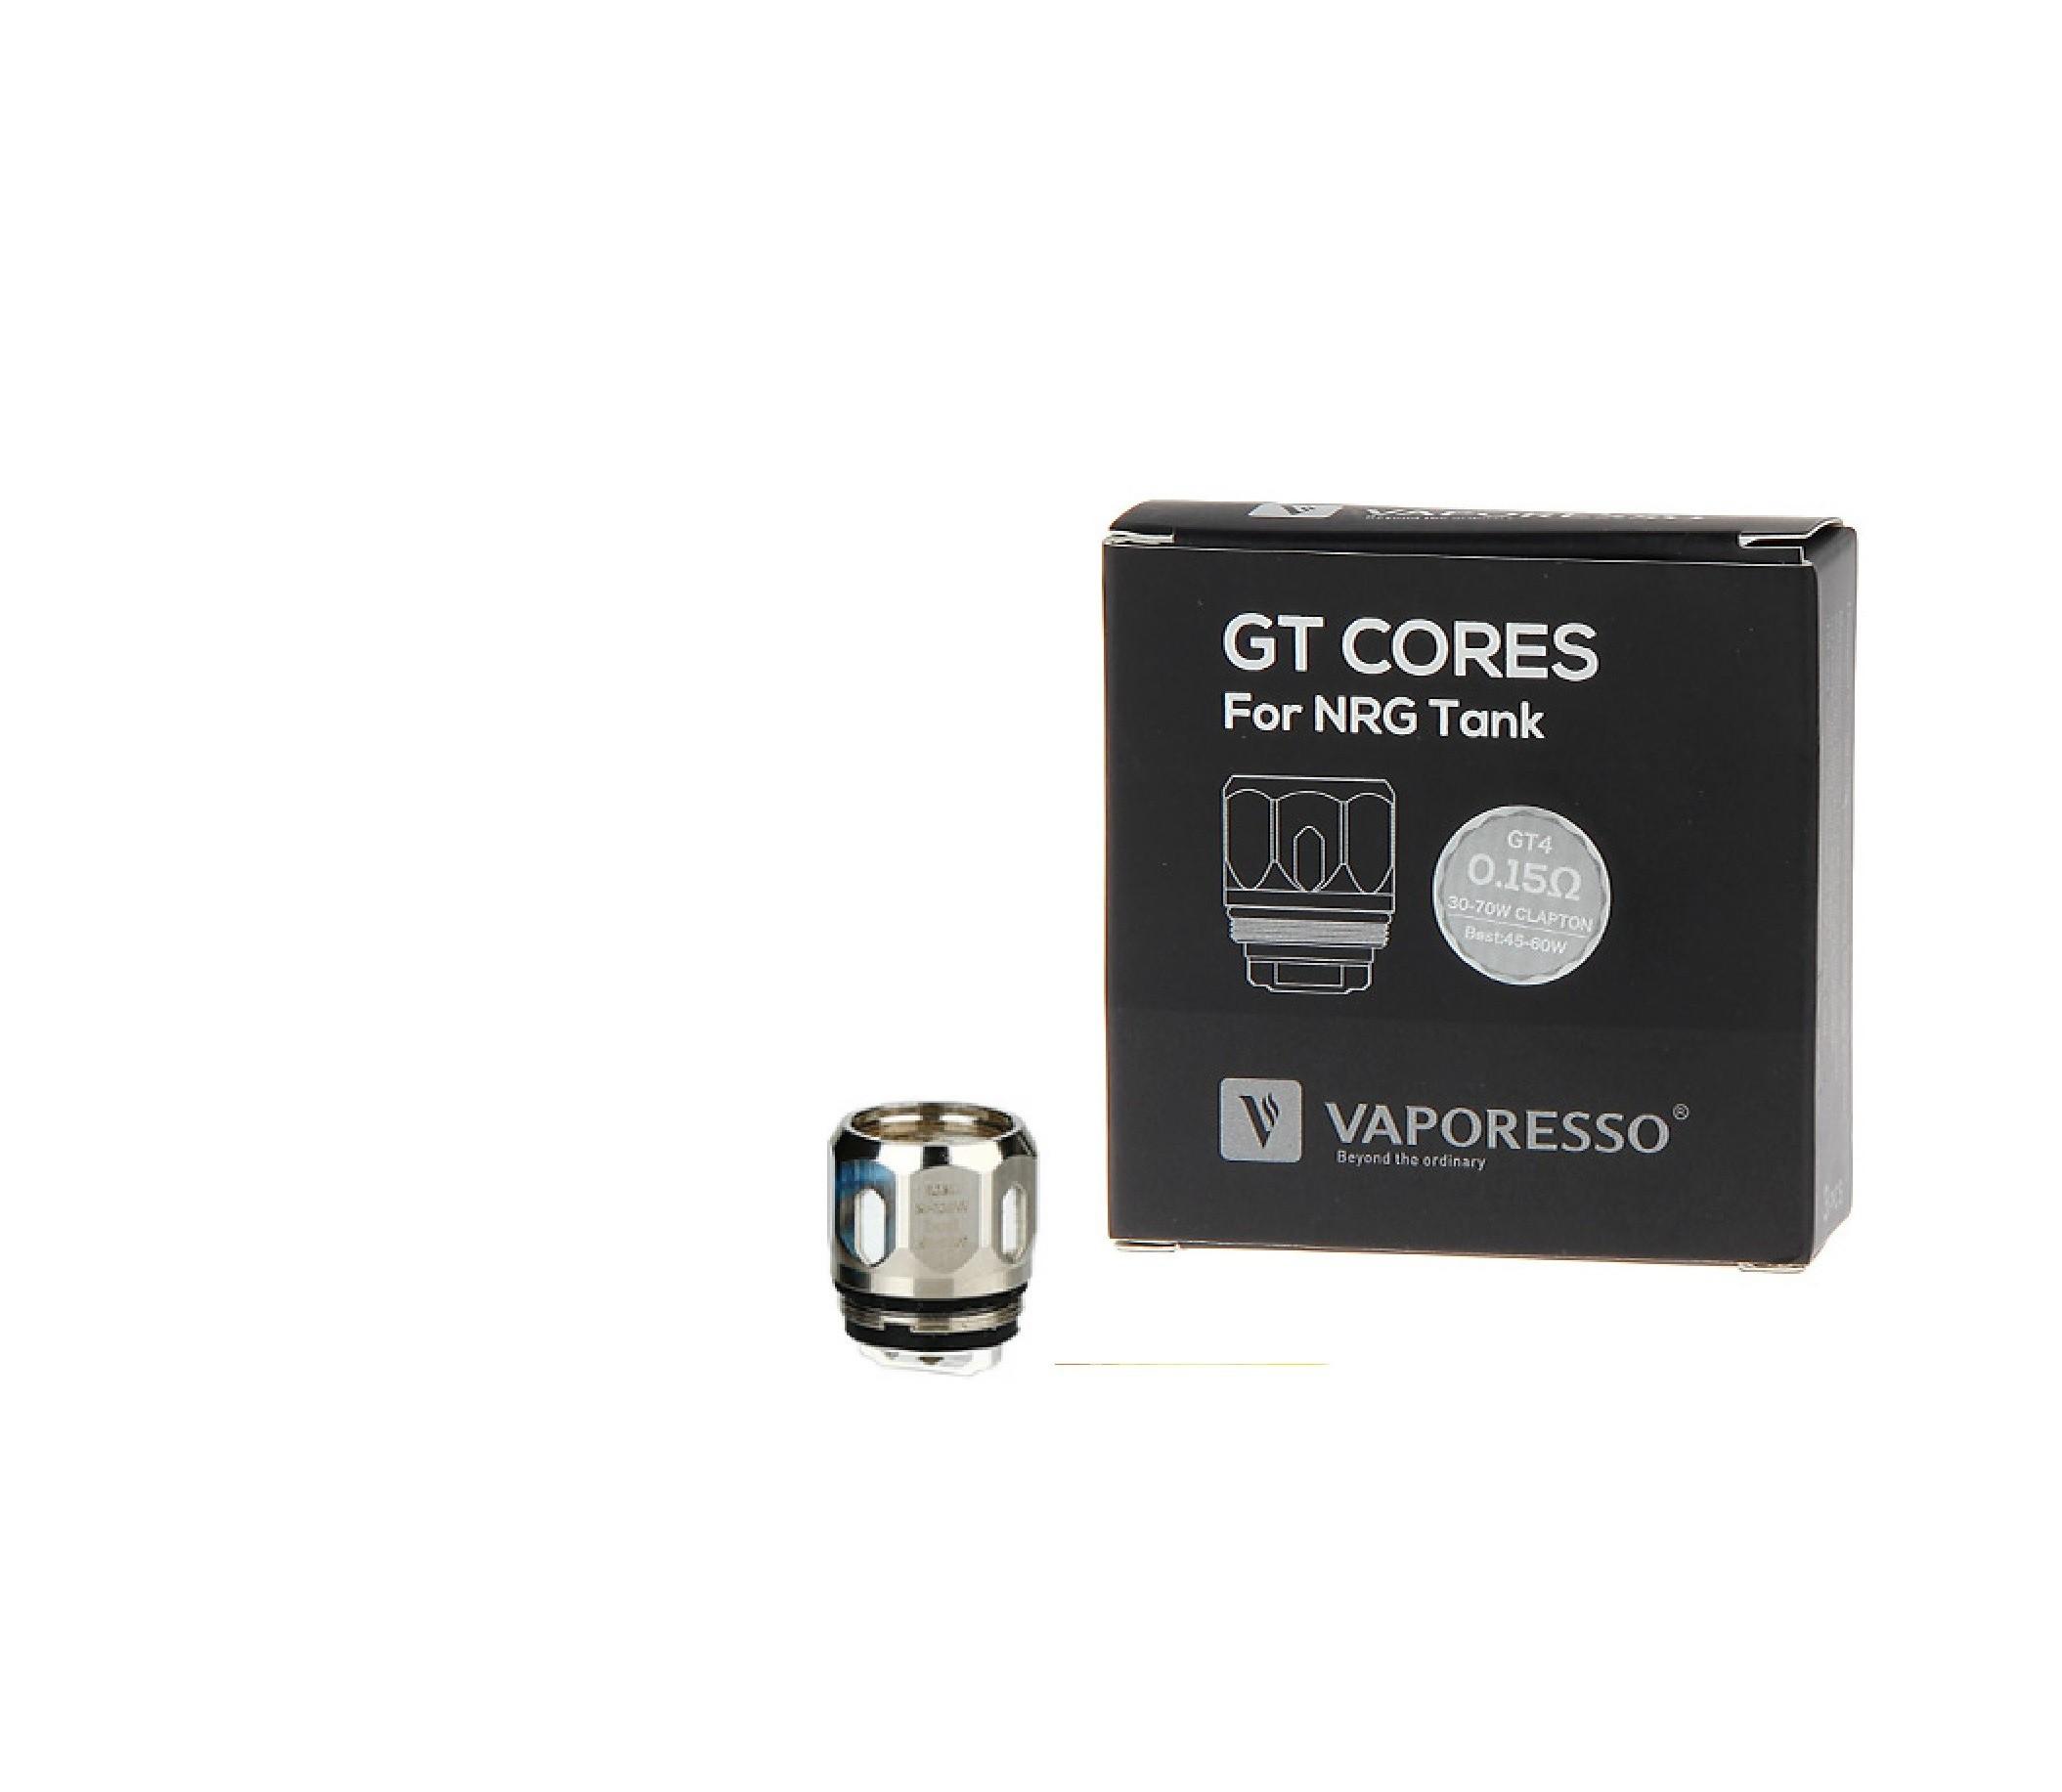 Vaporesso NRG GT Core coils voor de Vaporesso NRG verdamper. U kunt kiezen uit drie weerstanden: 0.15ohm, 0.4ohm en 0.5ohm. Verpakt per 3 stuks.